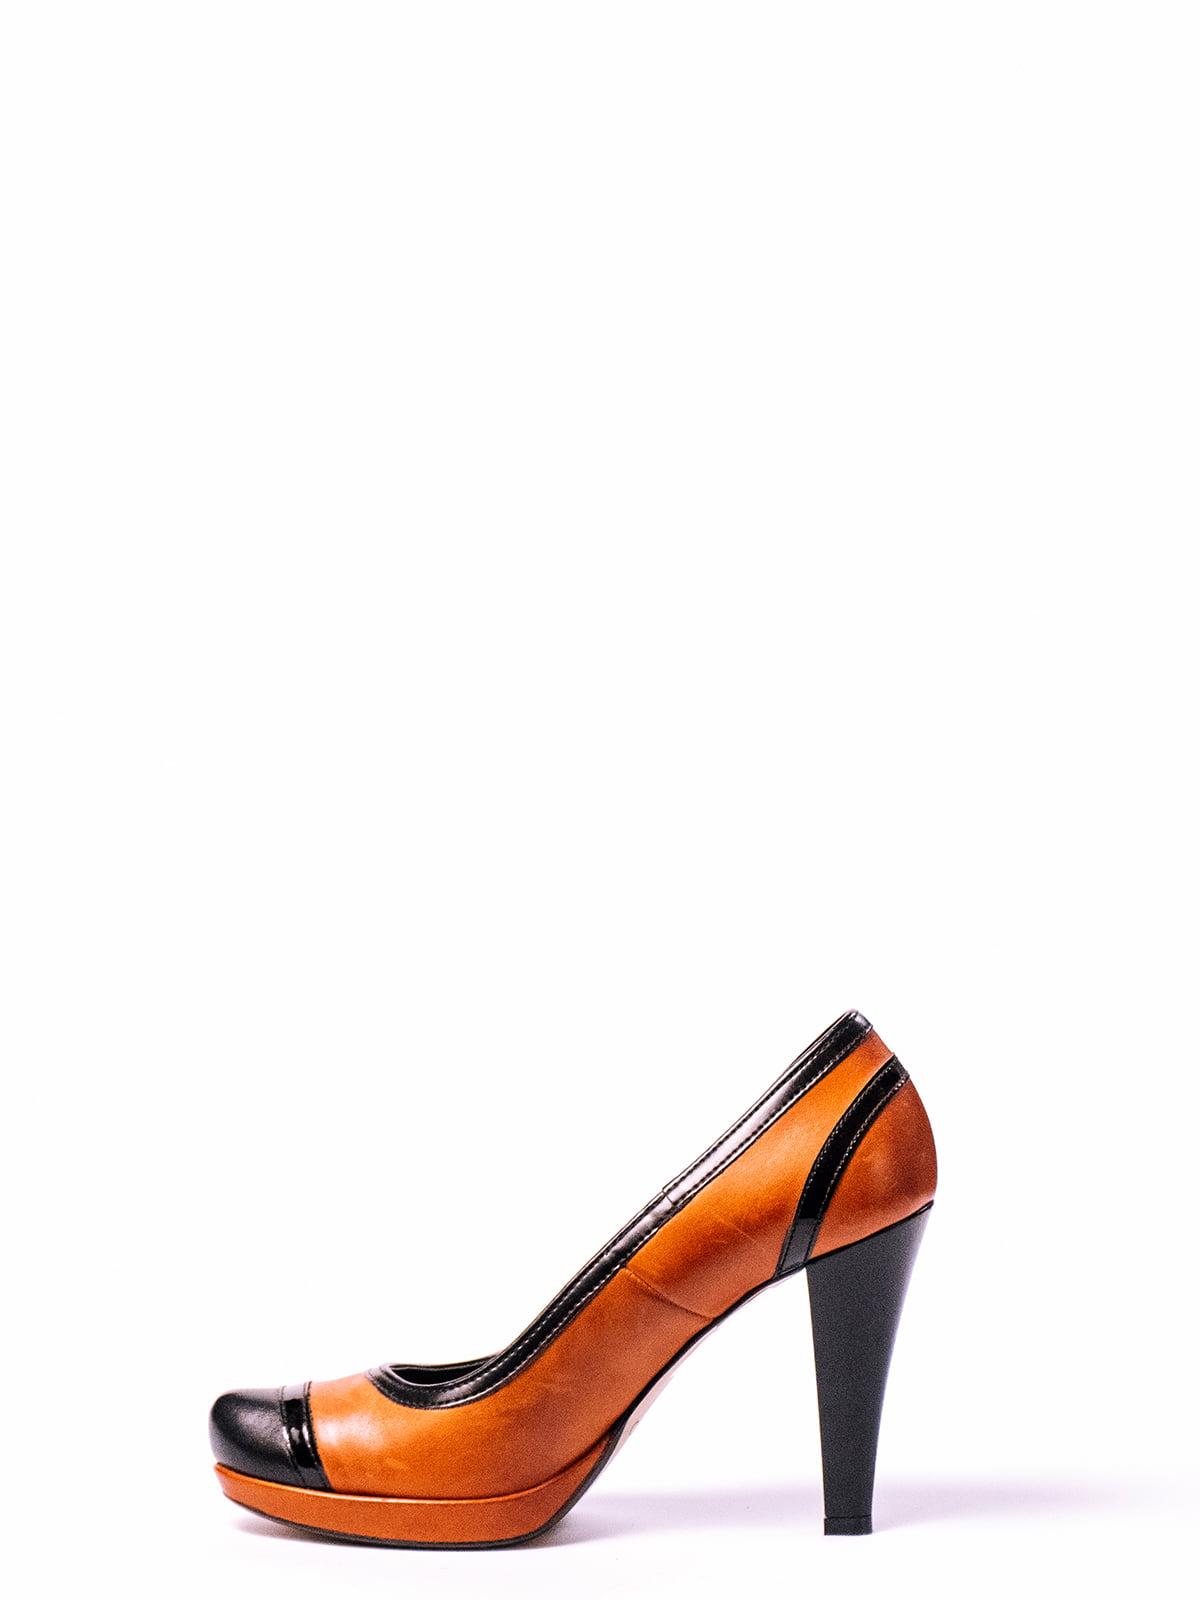 Туфли двухцветные | 4860279 | фото 2